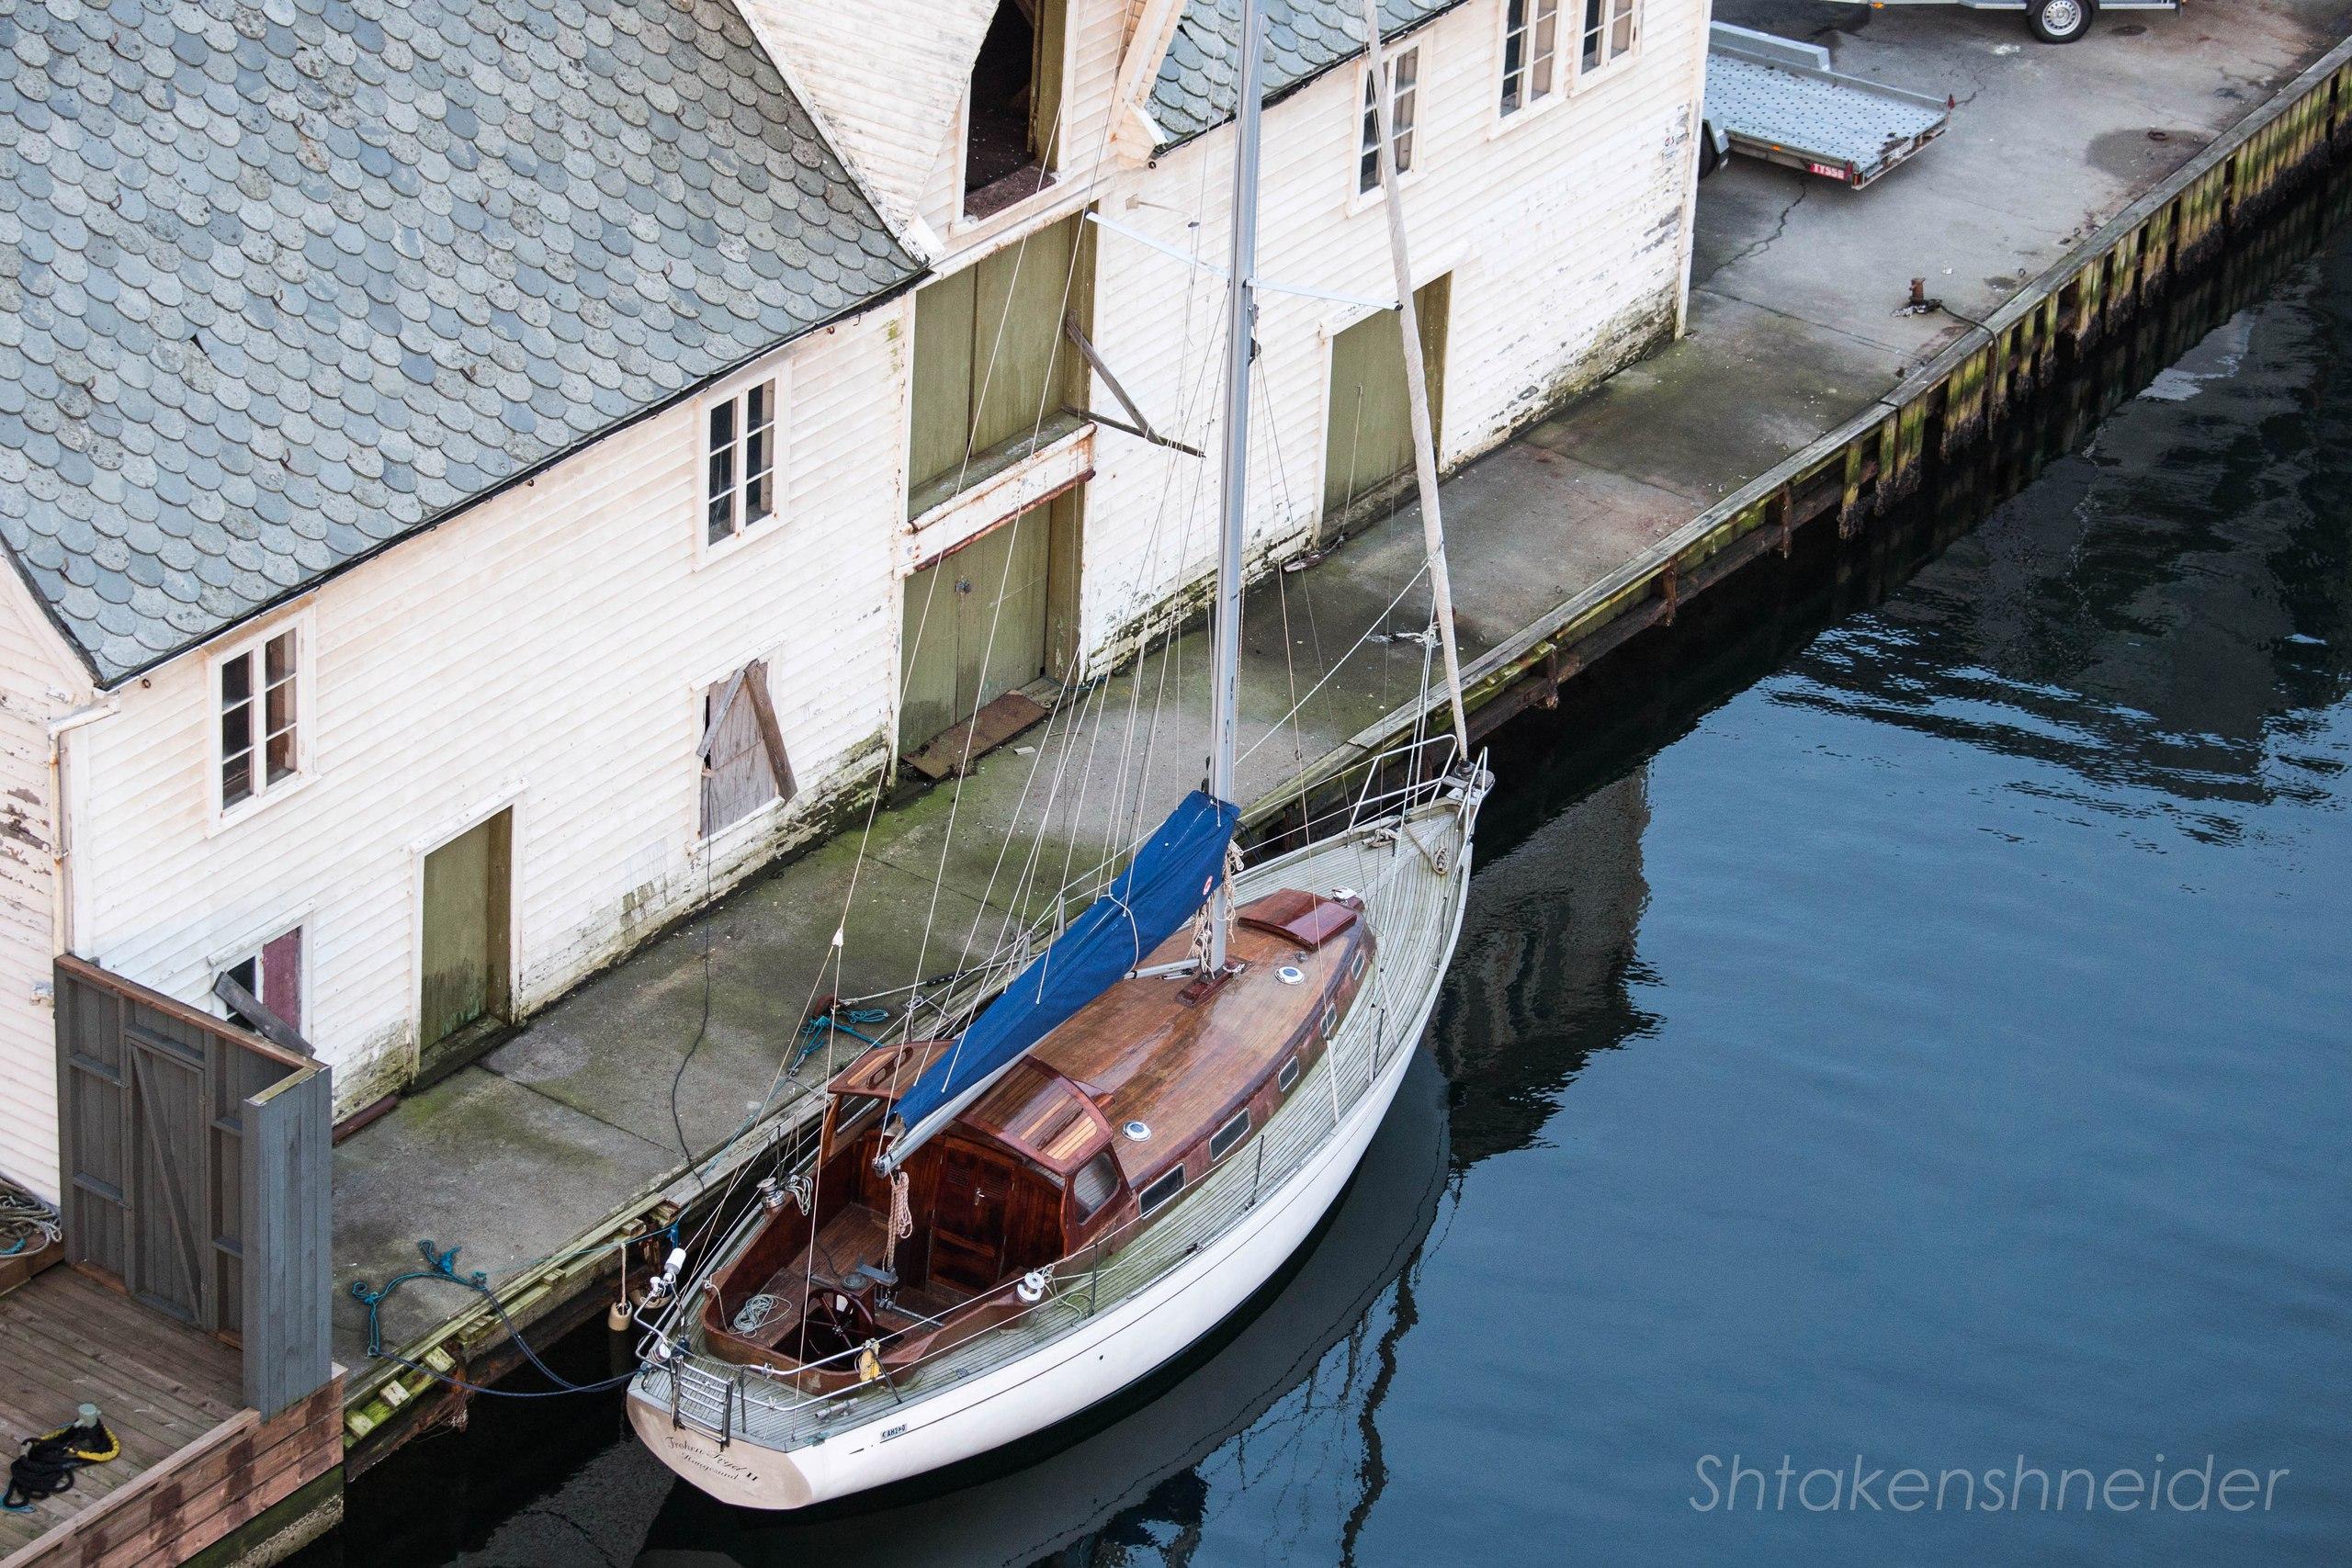 Хёугесунн, Норвегия. Яхта в марине.